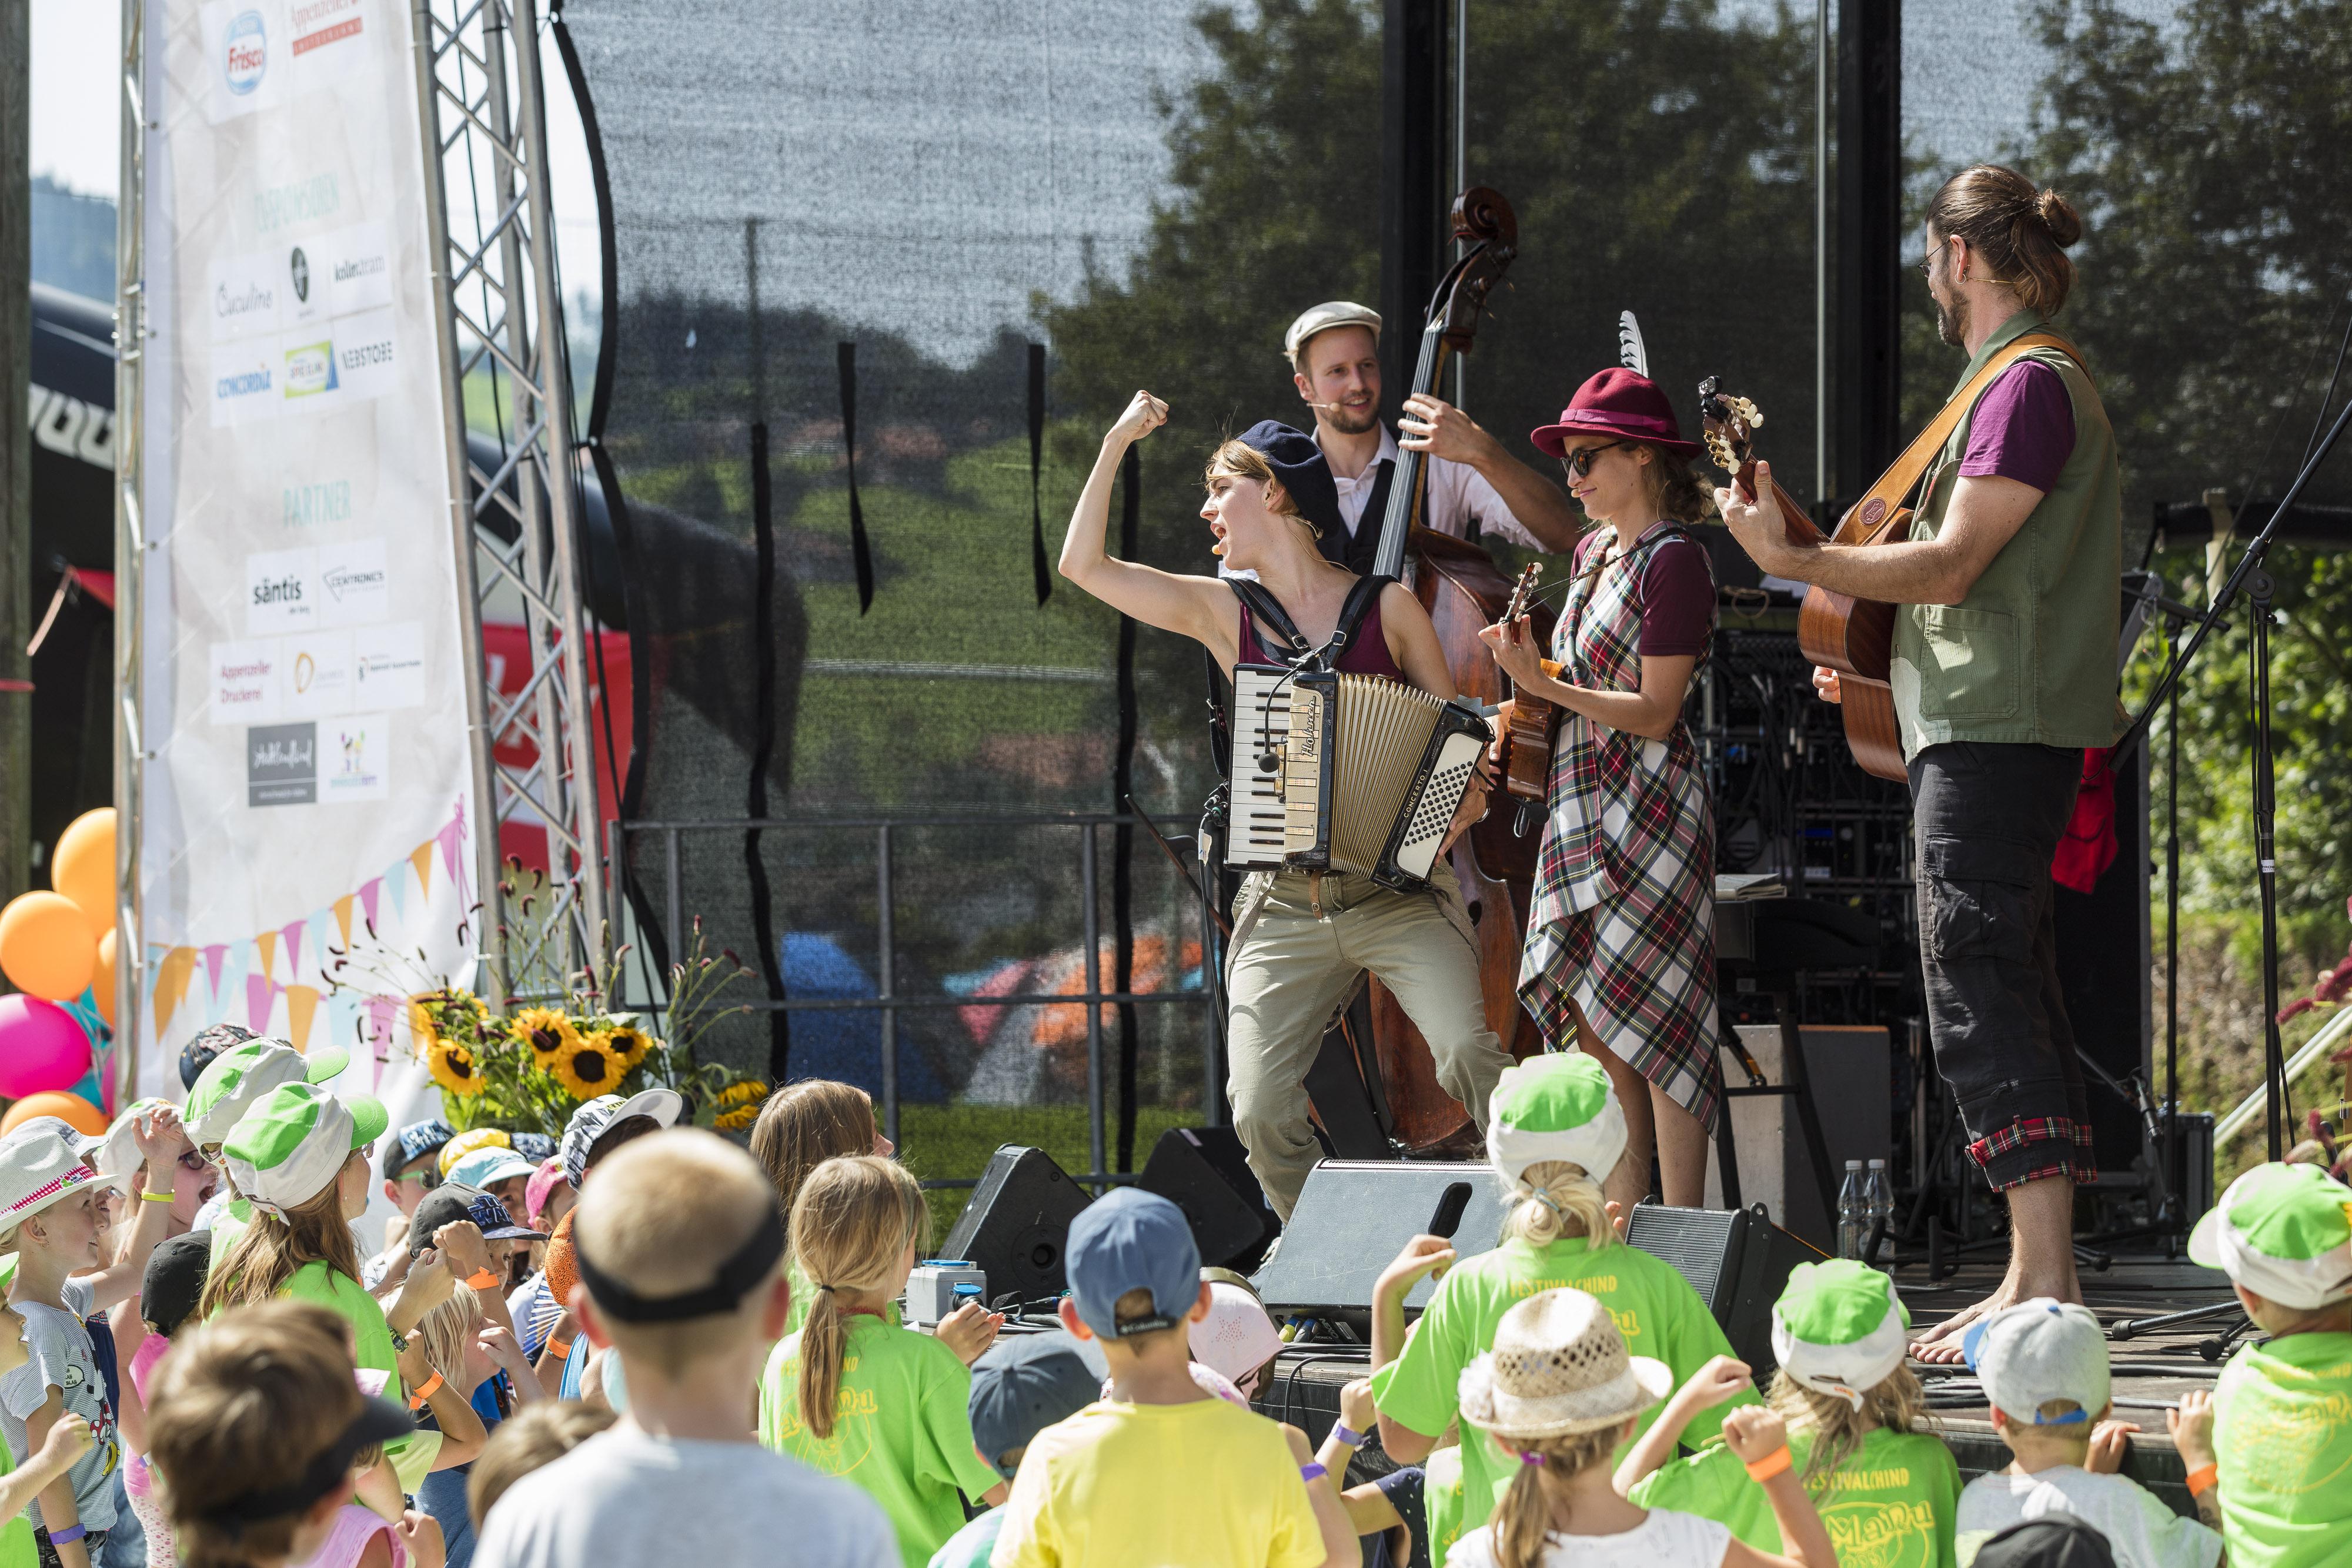 Die Kindermusik auf der Bühne begeistert die Kleinen und Grossen im Publikum.